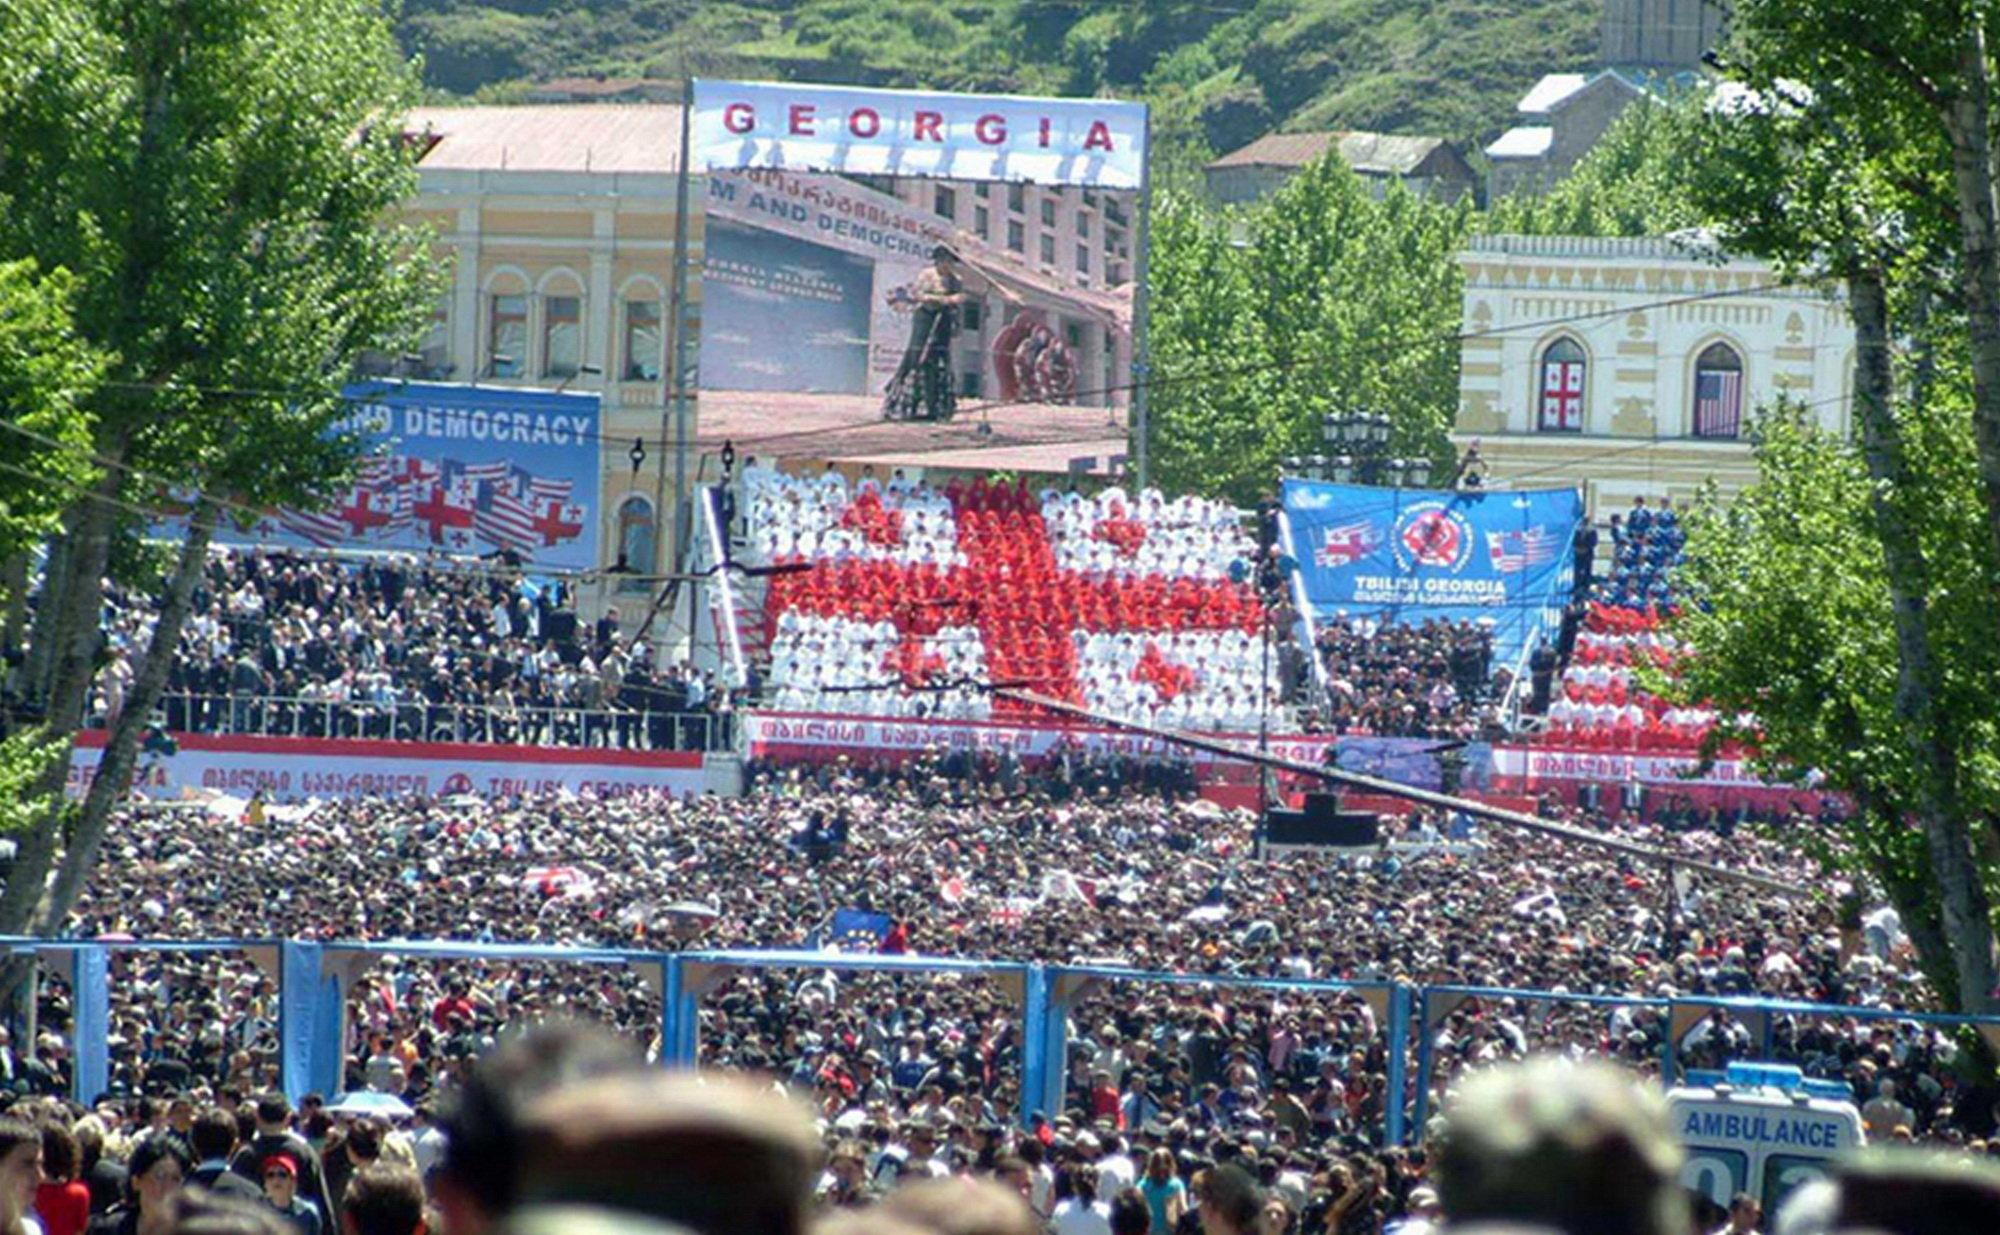 На площади Свободы, где выступил с речью Джордж Буш, собрались многие десятки тысяч человек